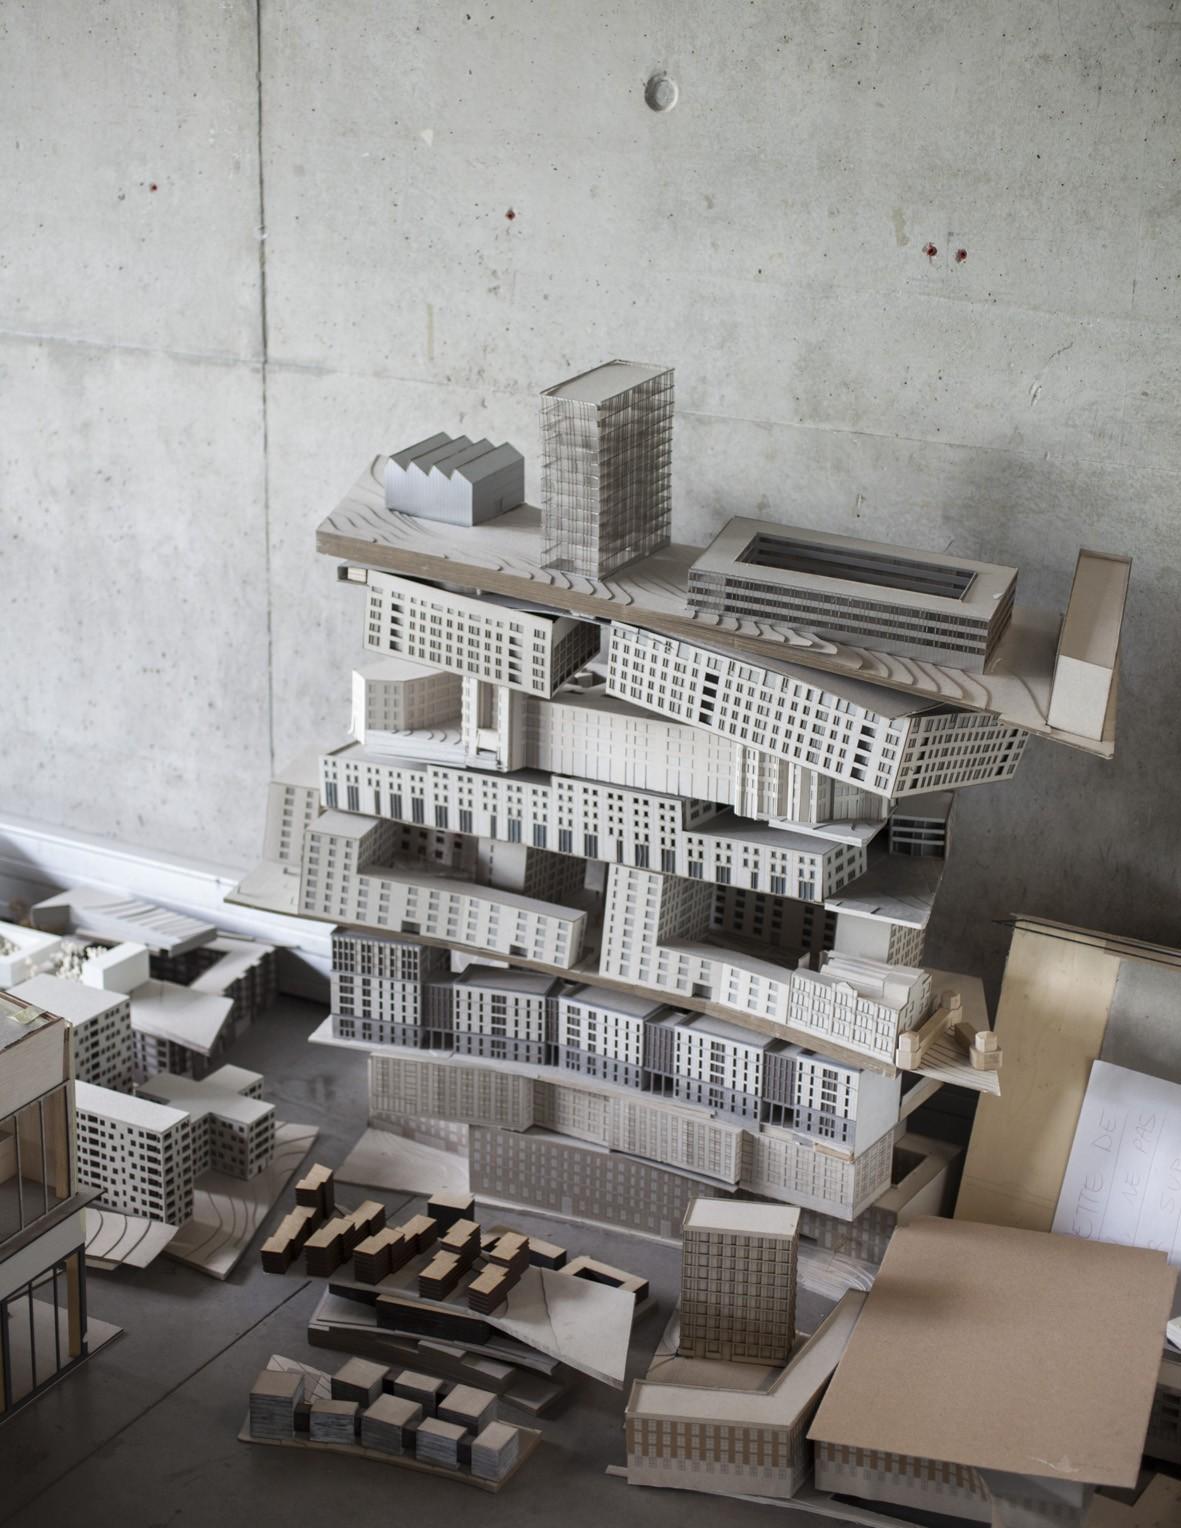 École d'architecture de la ville & des territoires à marne-la-vallée